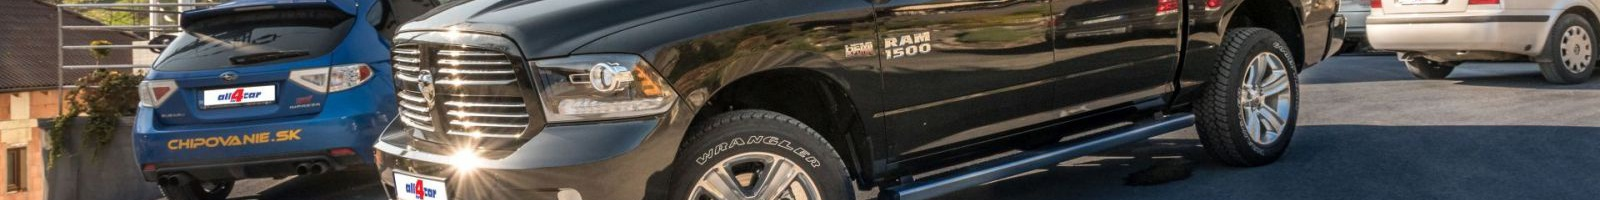 Prestavba Dodge Ram na LPG